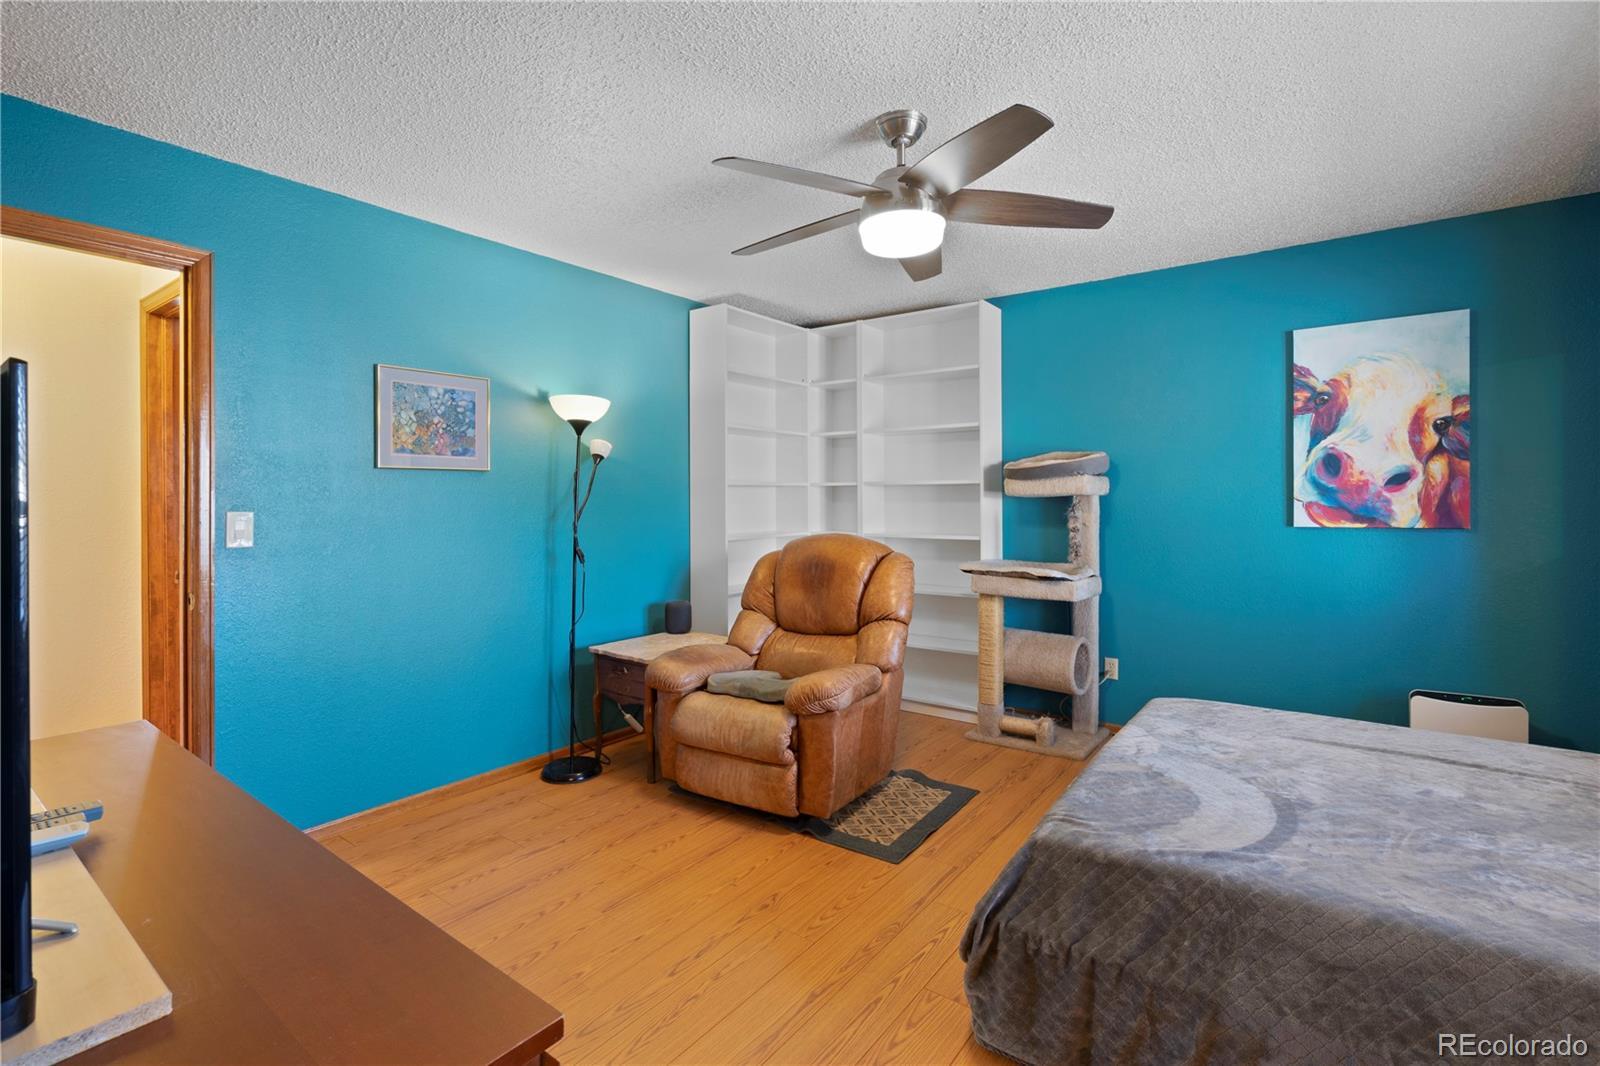 MLS# 1721256 - 14 - 6464 Wicklow Circle, Colorado Springs, CO 80918